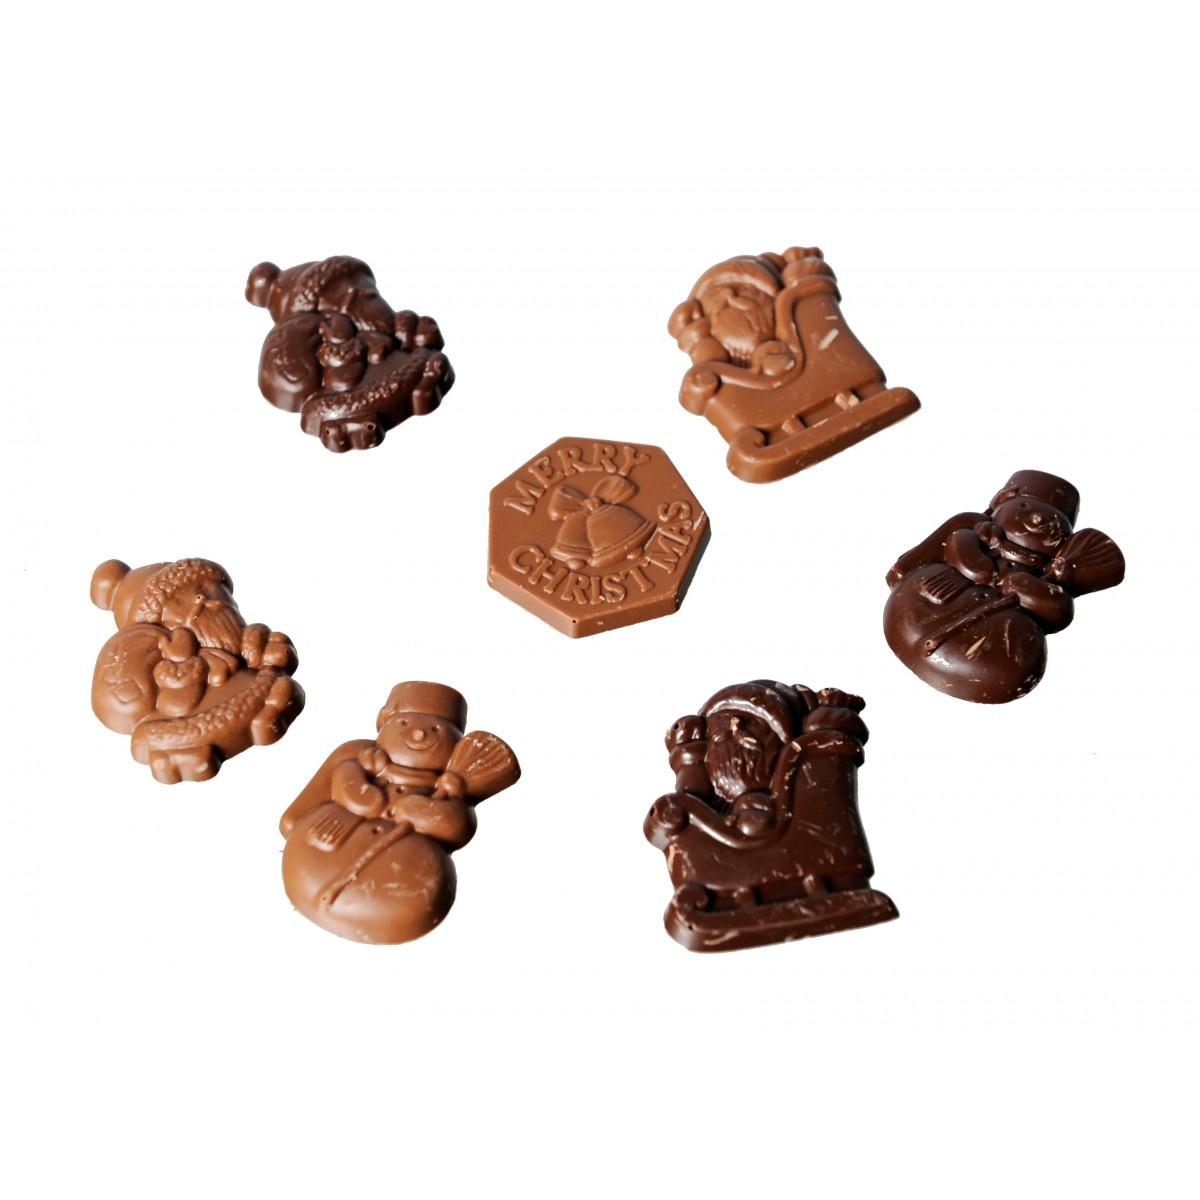 Chocolade Kerstfiguurtjes Donker